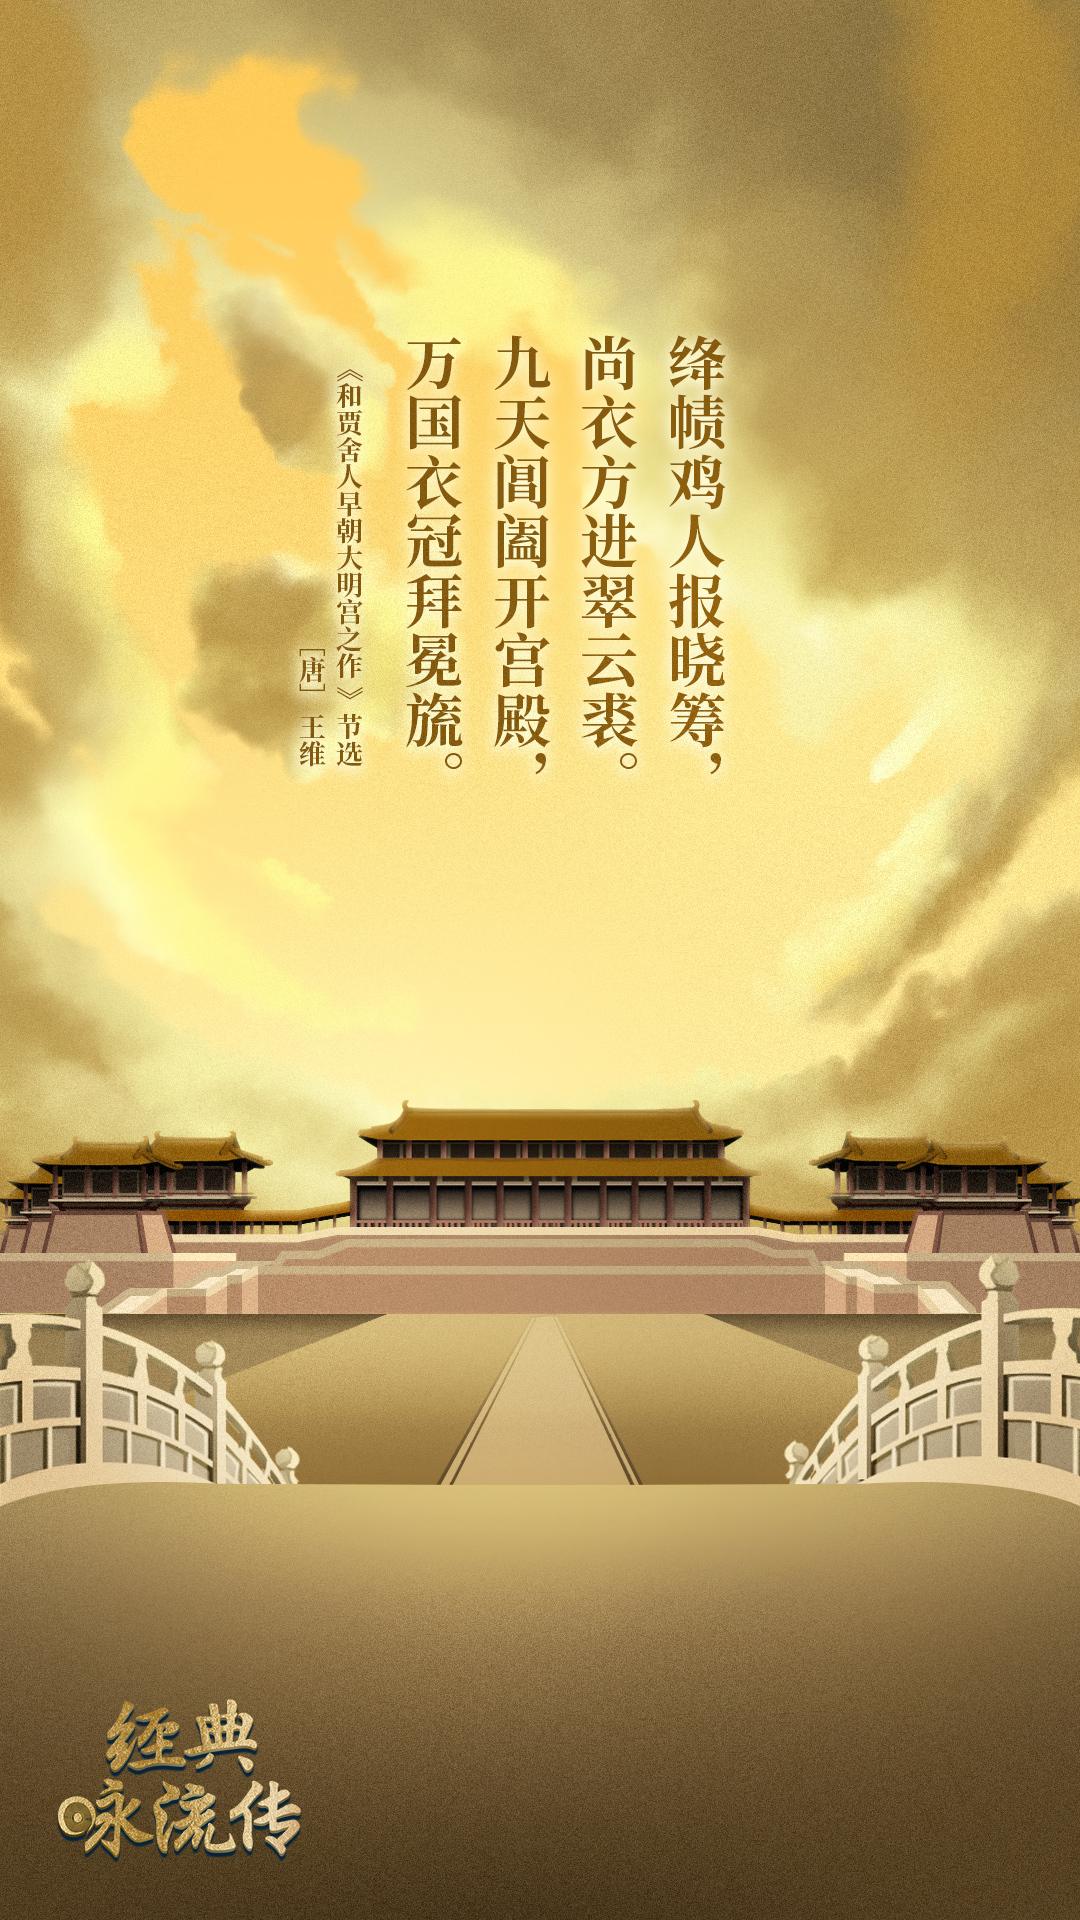 《经典咏流传》诗词意境海报合集 欣赏-第9张